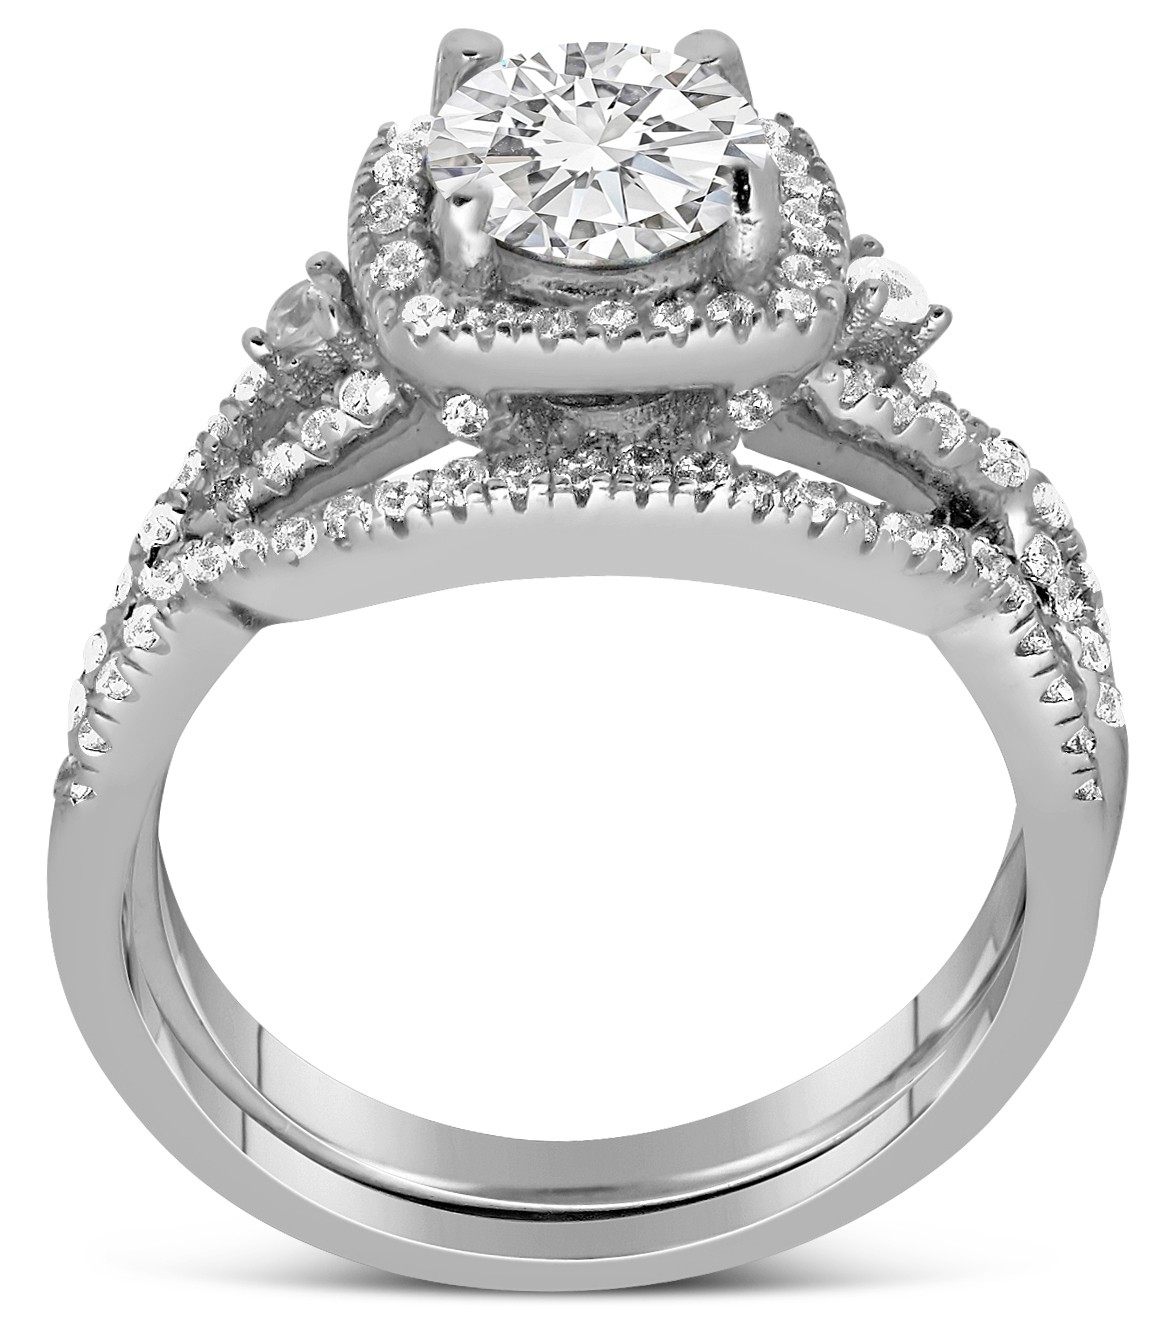 ... 2 Carat Infinity Design Round Wedding Ring Set In White Gold